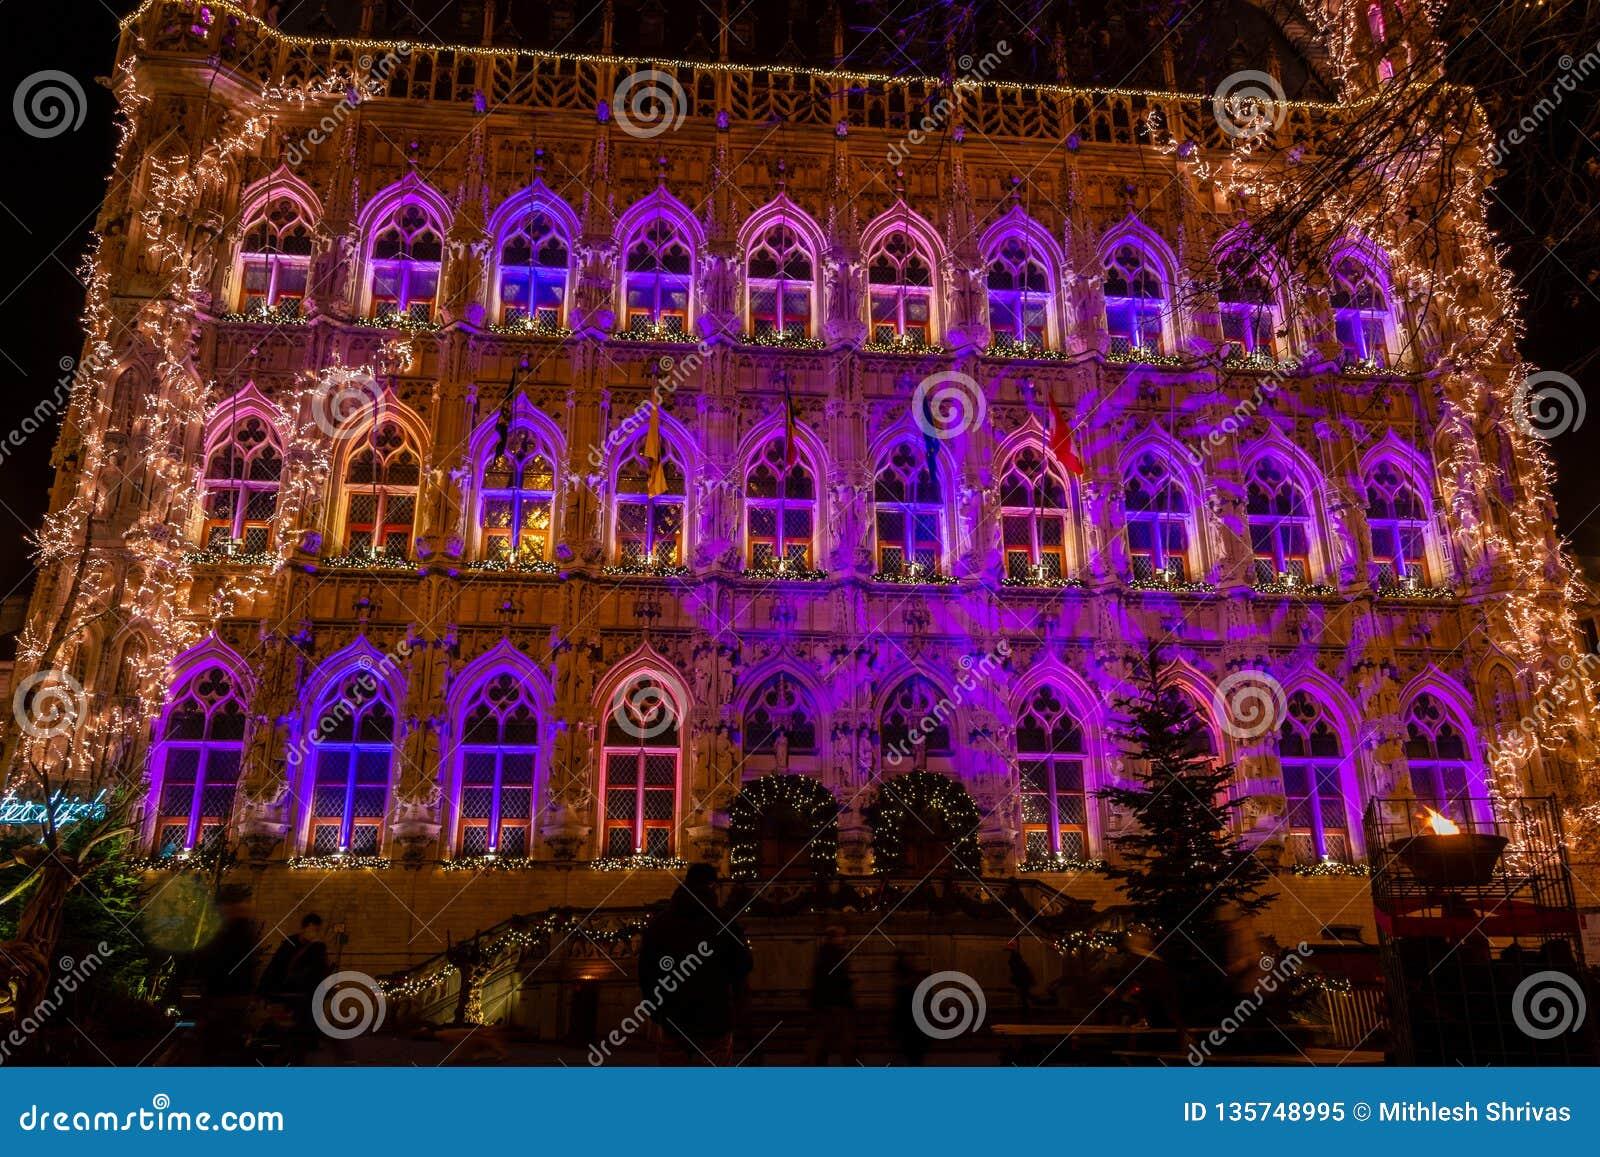 Ayuntamiento gótico iluminado de Lovaina en la Navidad, Bélgica